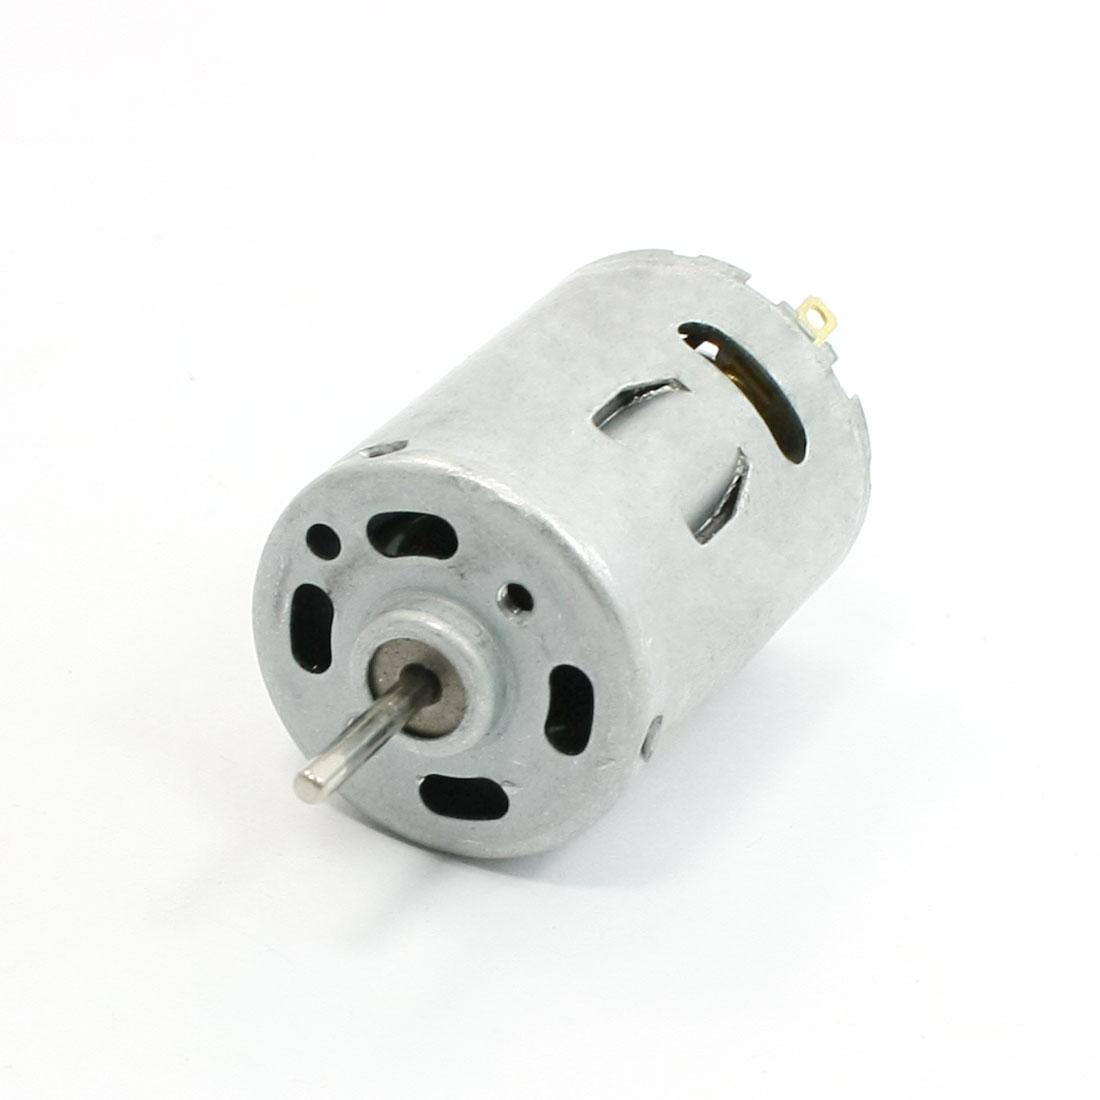 DC 6V 12000RPM 28mm Diameter Mini Magnetic Hobby Vibration Motor